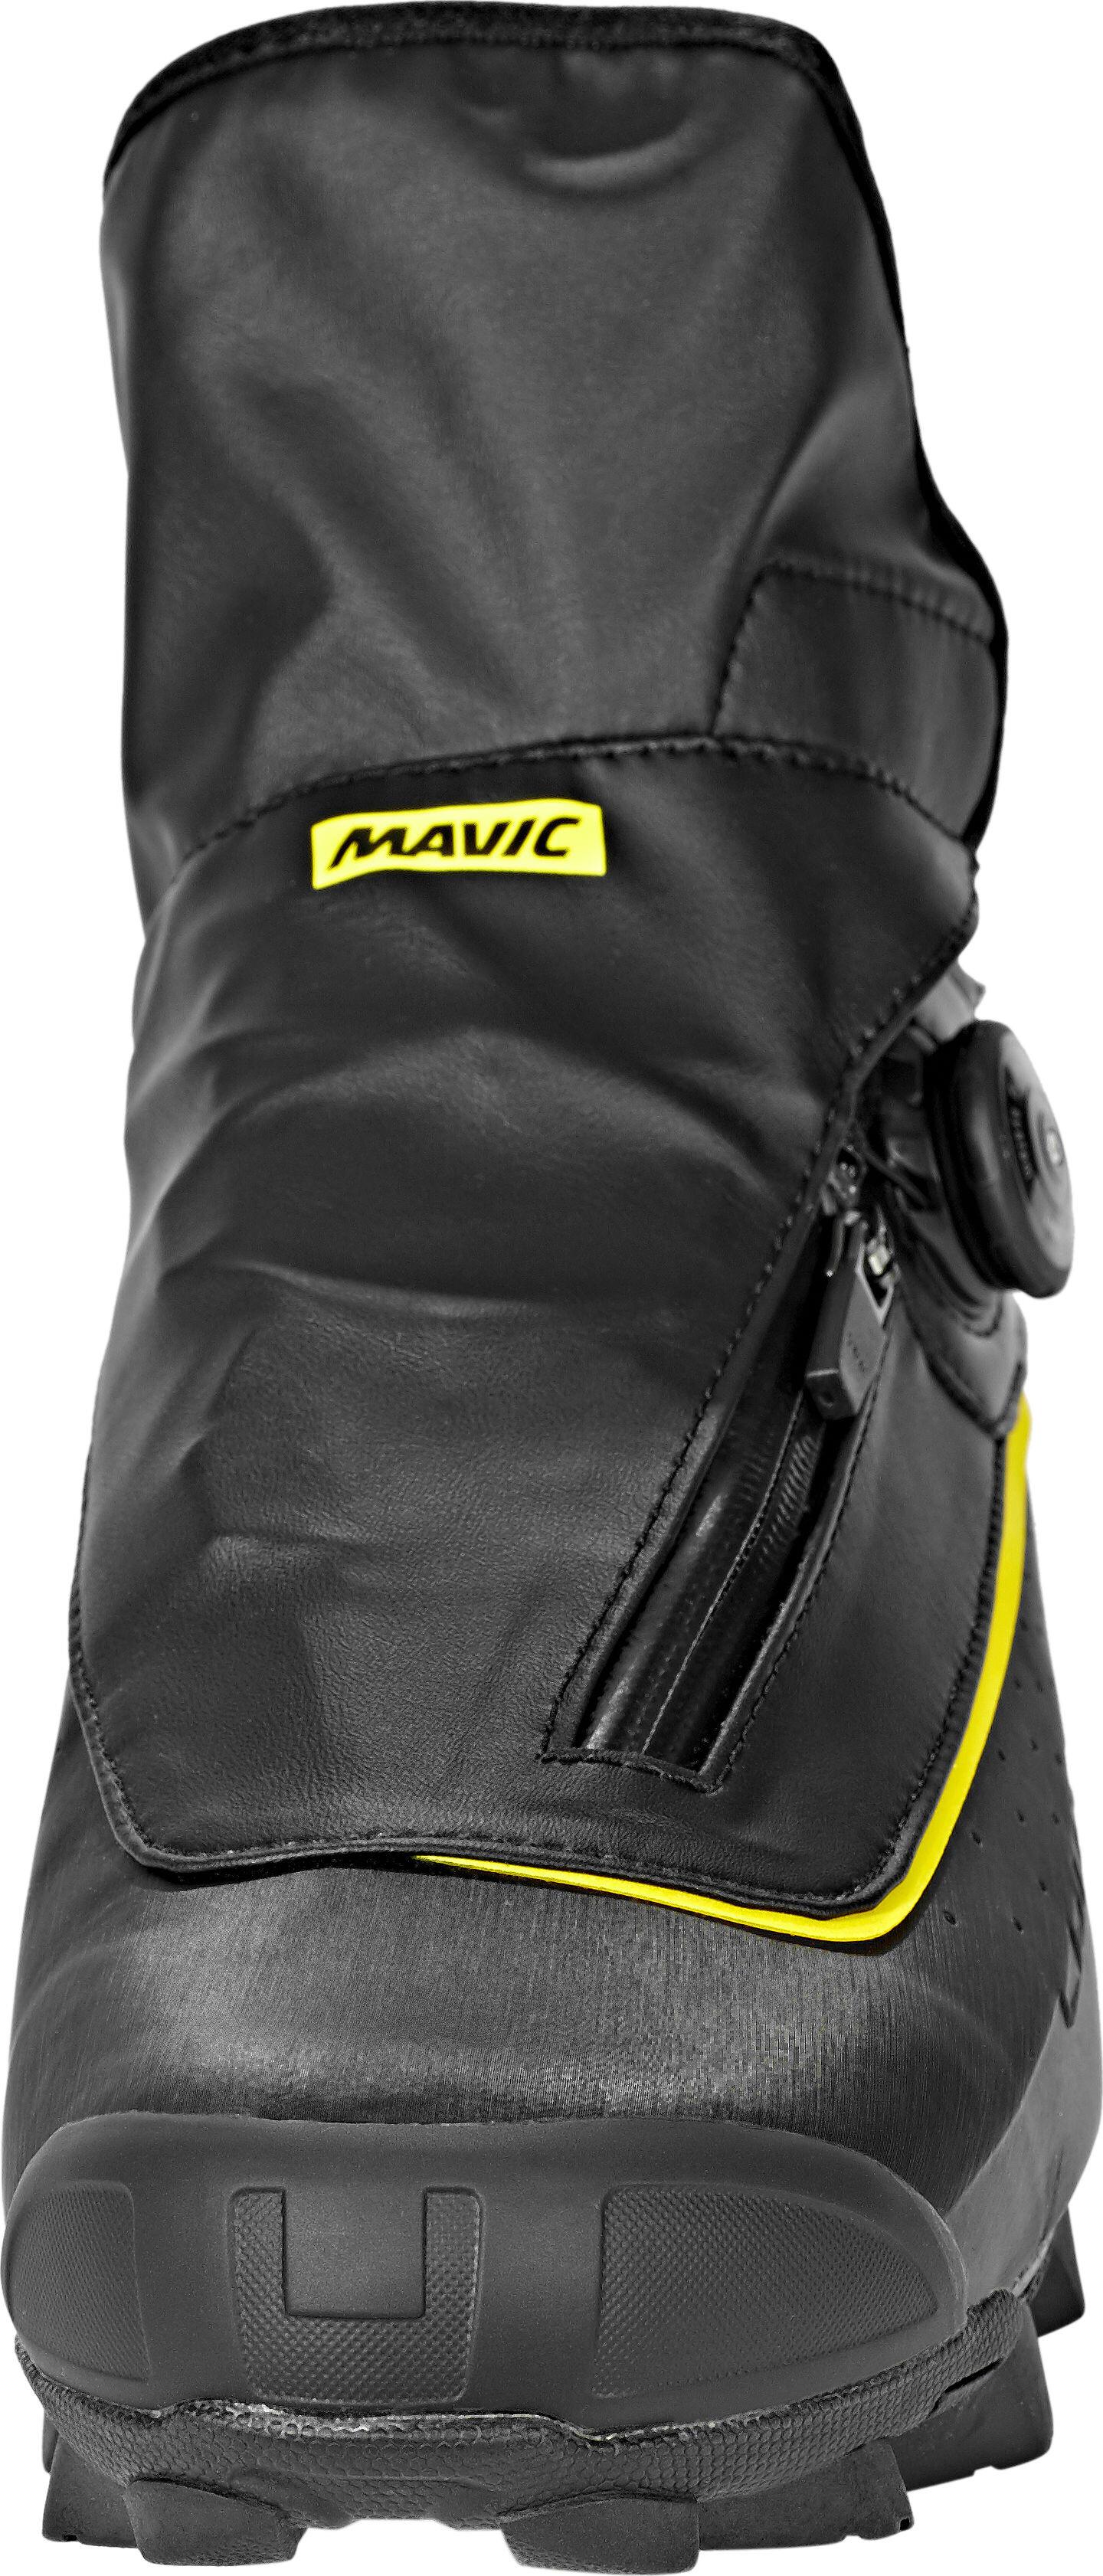 new product 319da 99108 Mavic Crossmax SL Pro Thermo Scarpe Uomo nero